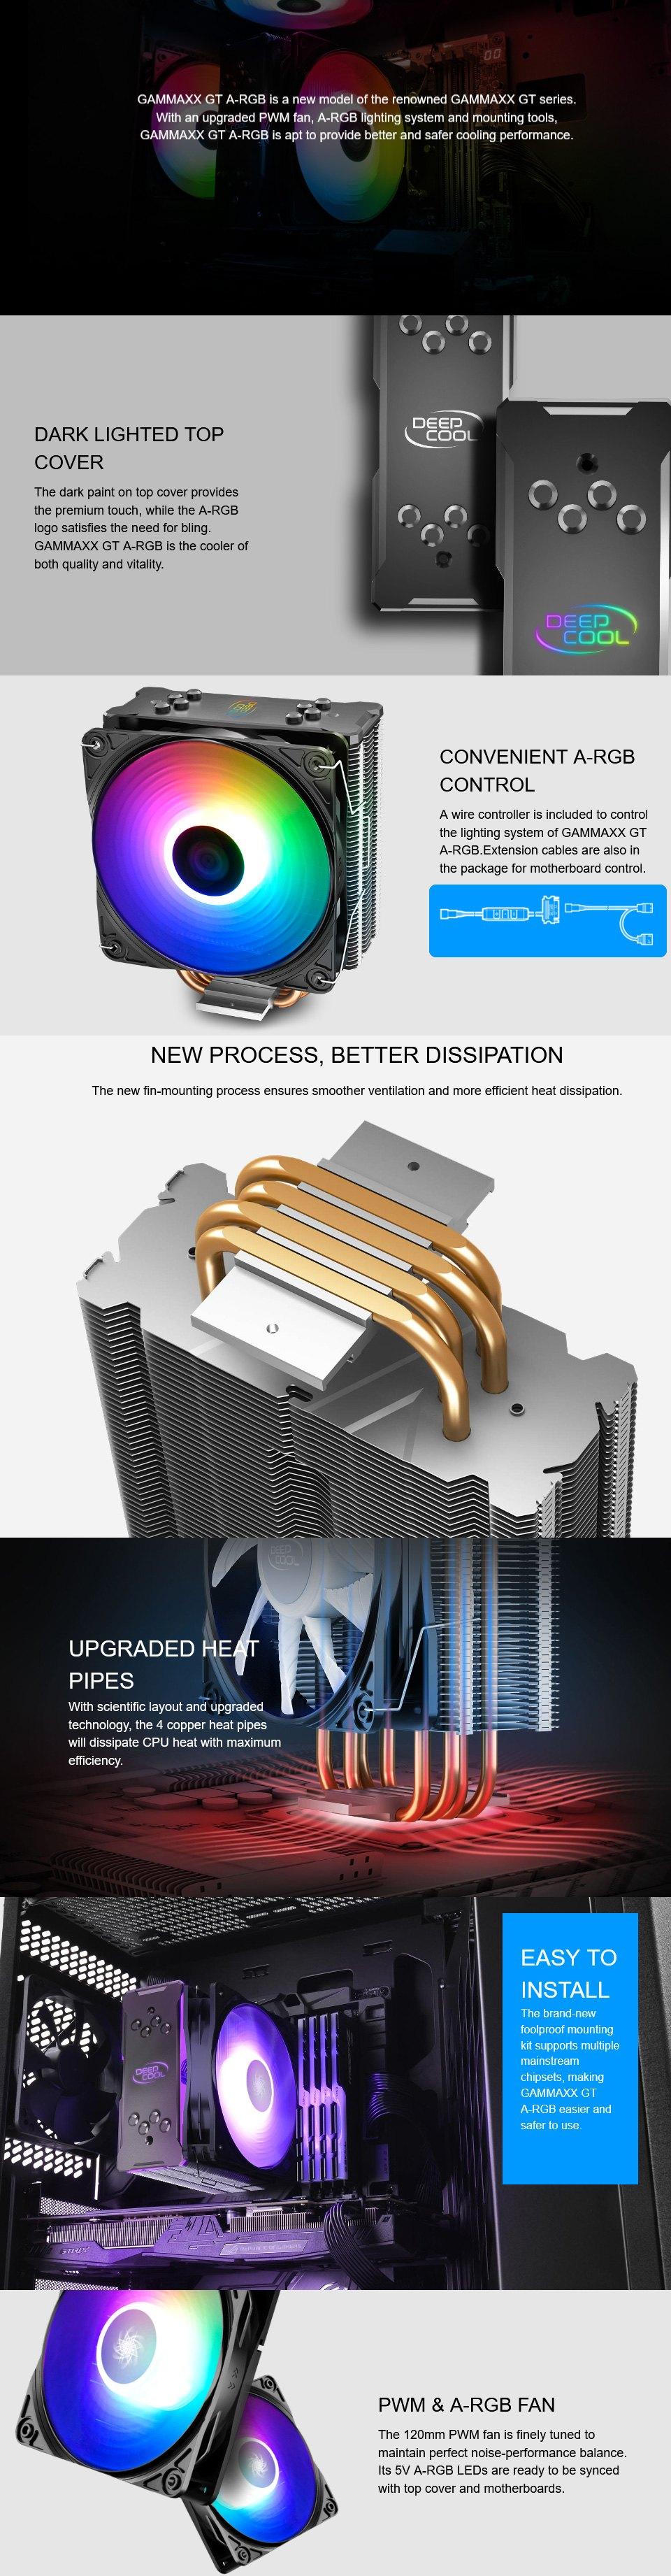 Deepcool Gammaxx GT ARGB CPU Cooler features